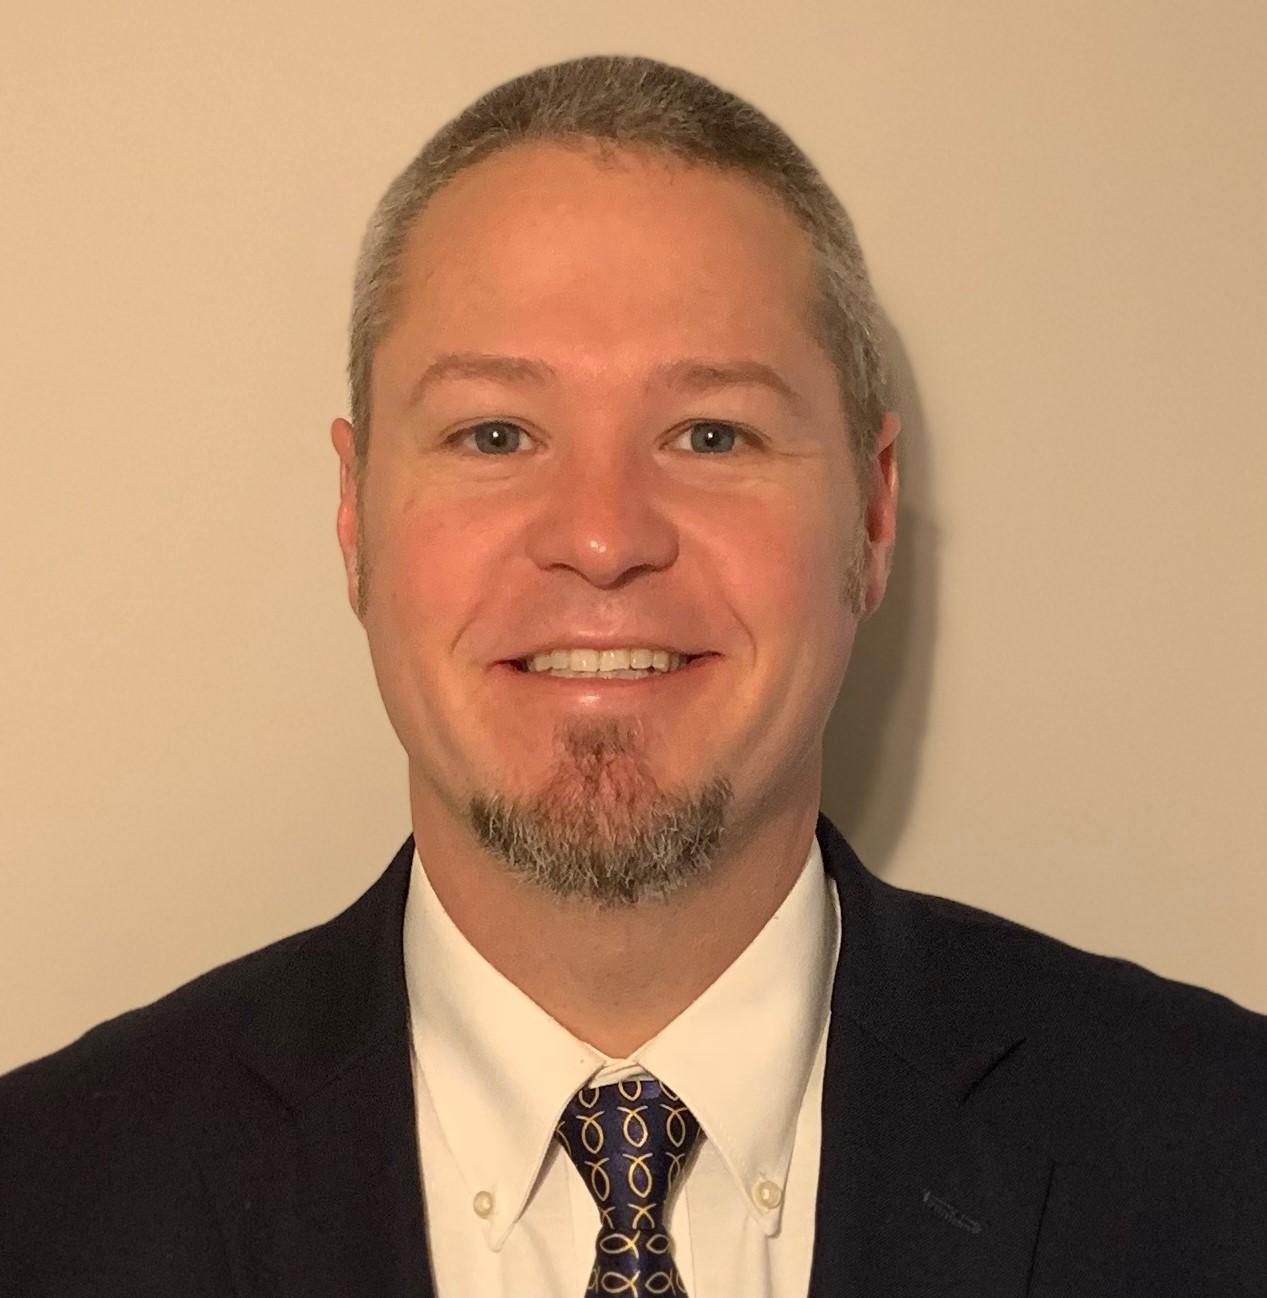 Mr. Brian Goins, JMS Principal